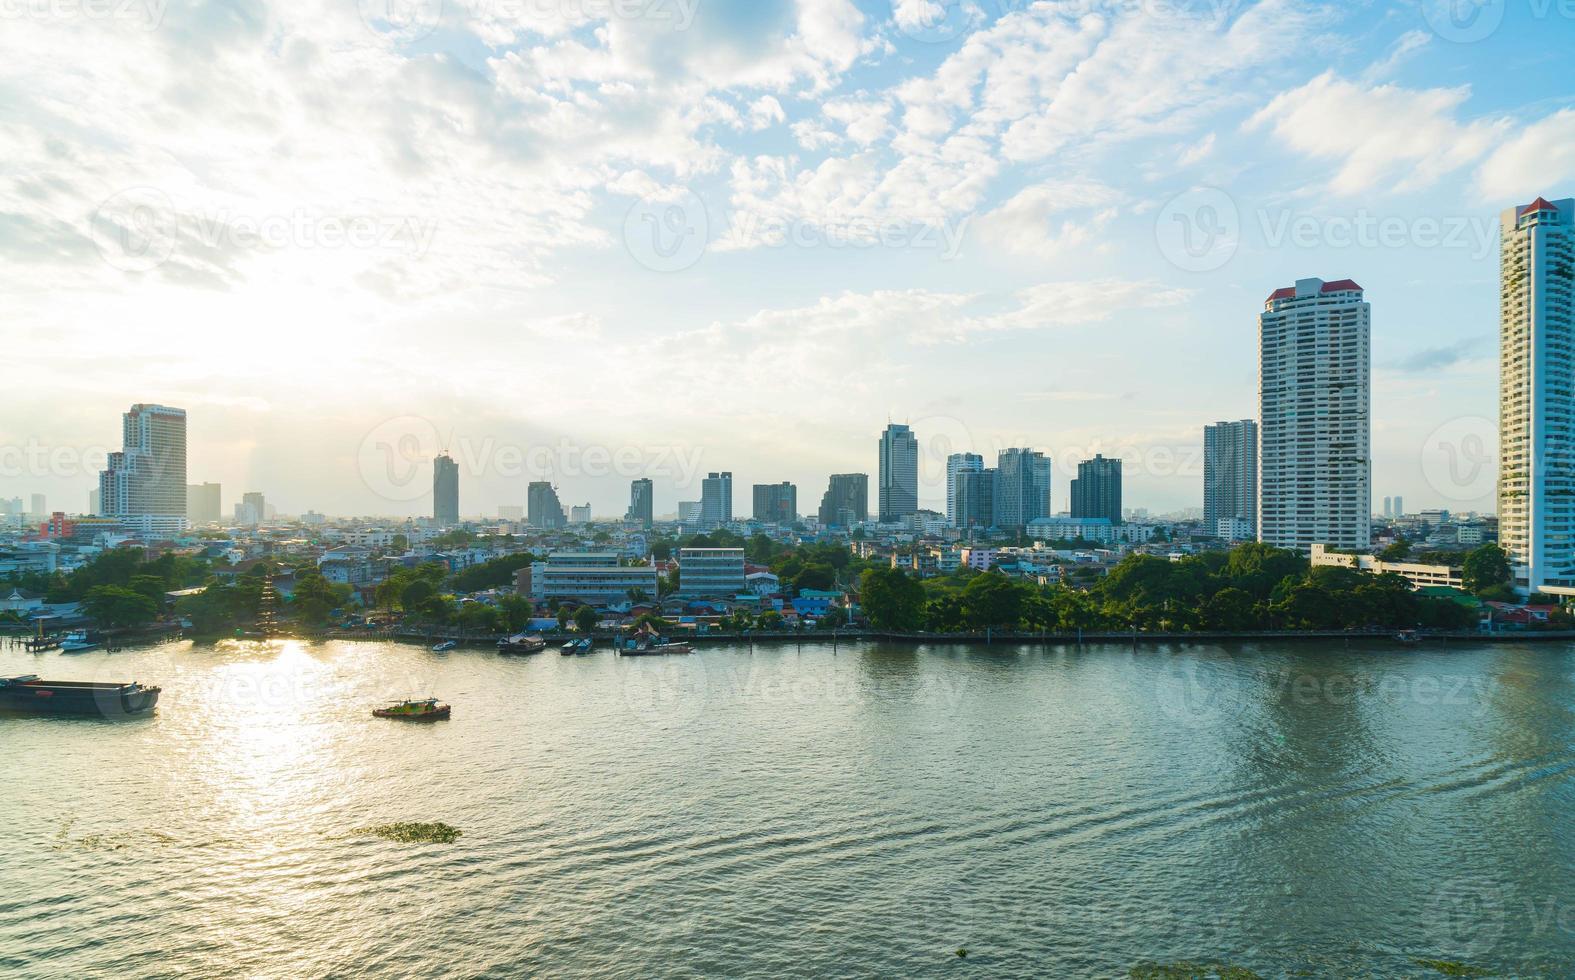 cidade de bangkok na tailândia foto